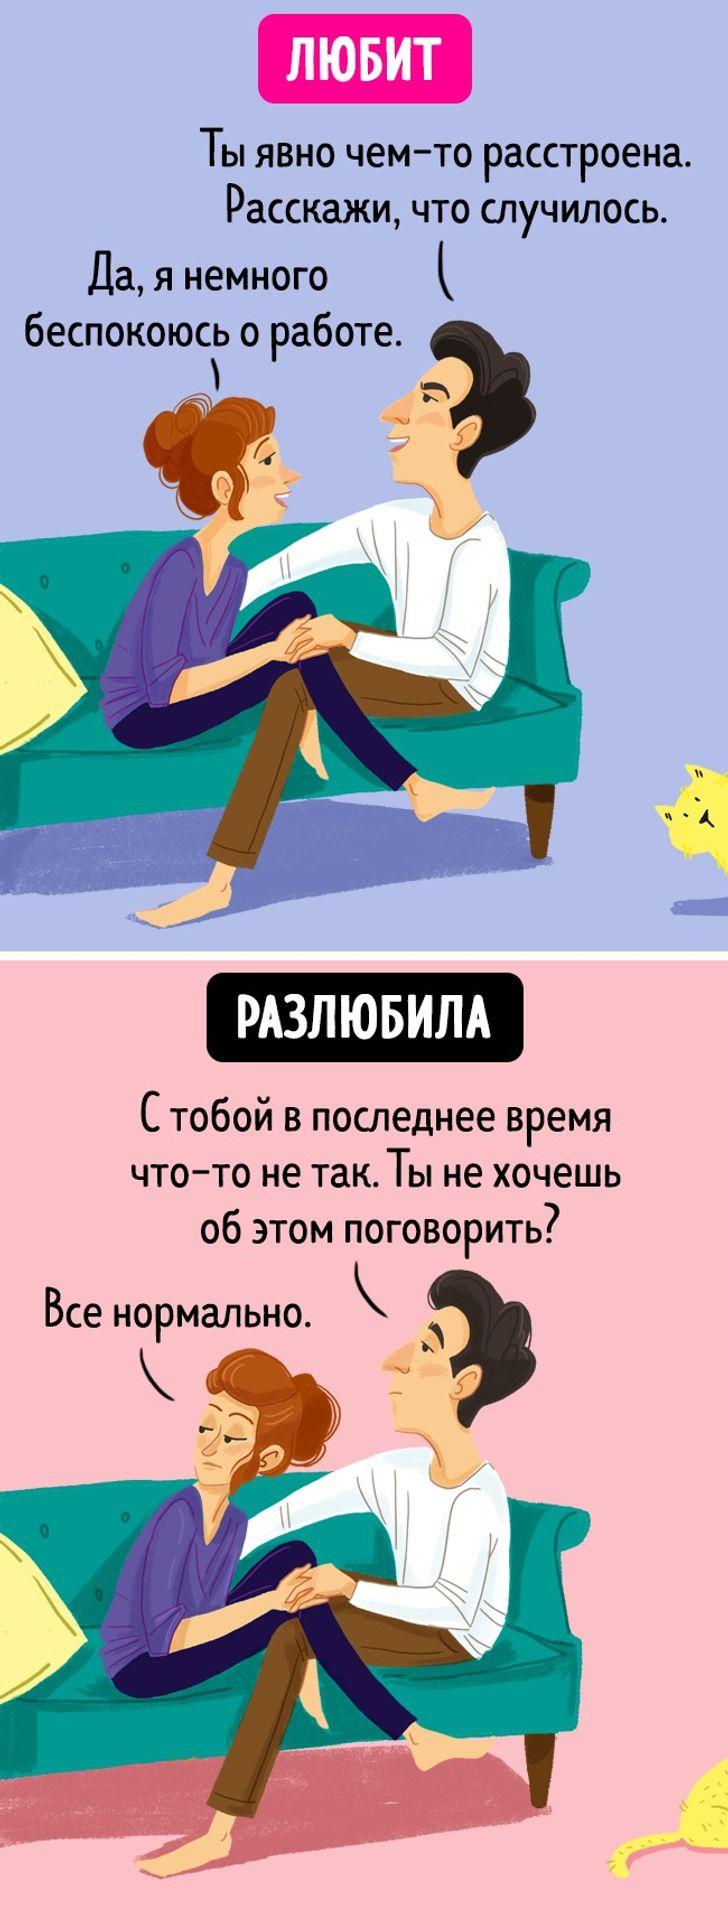 Я девушка но все время провожу на работе работа в новосибирске веб моделью